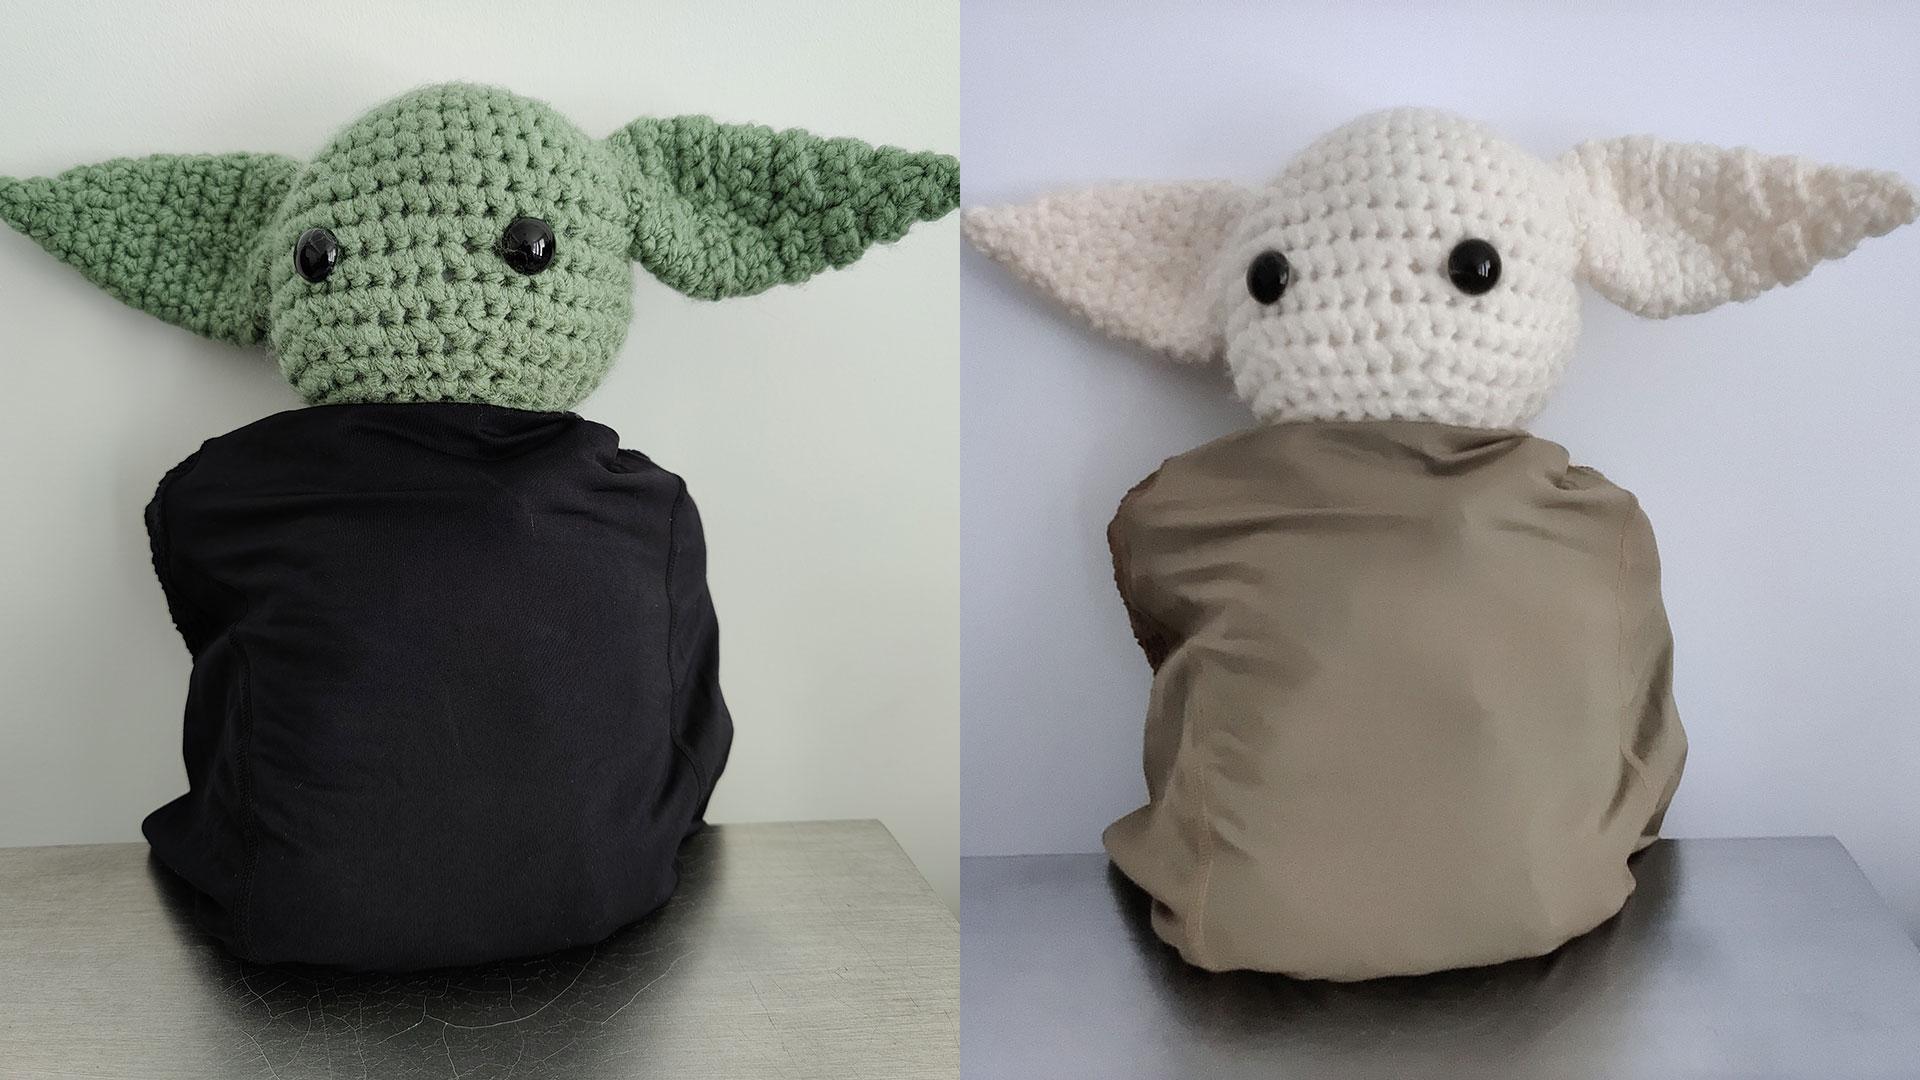 Teste do filtro Photochrom do One Plus 8 Pro com o Baby Yoda